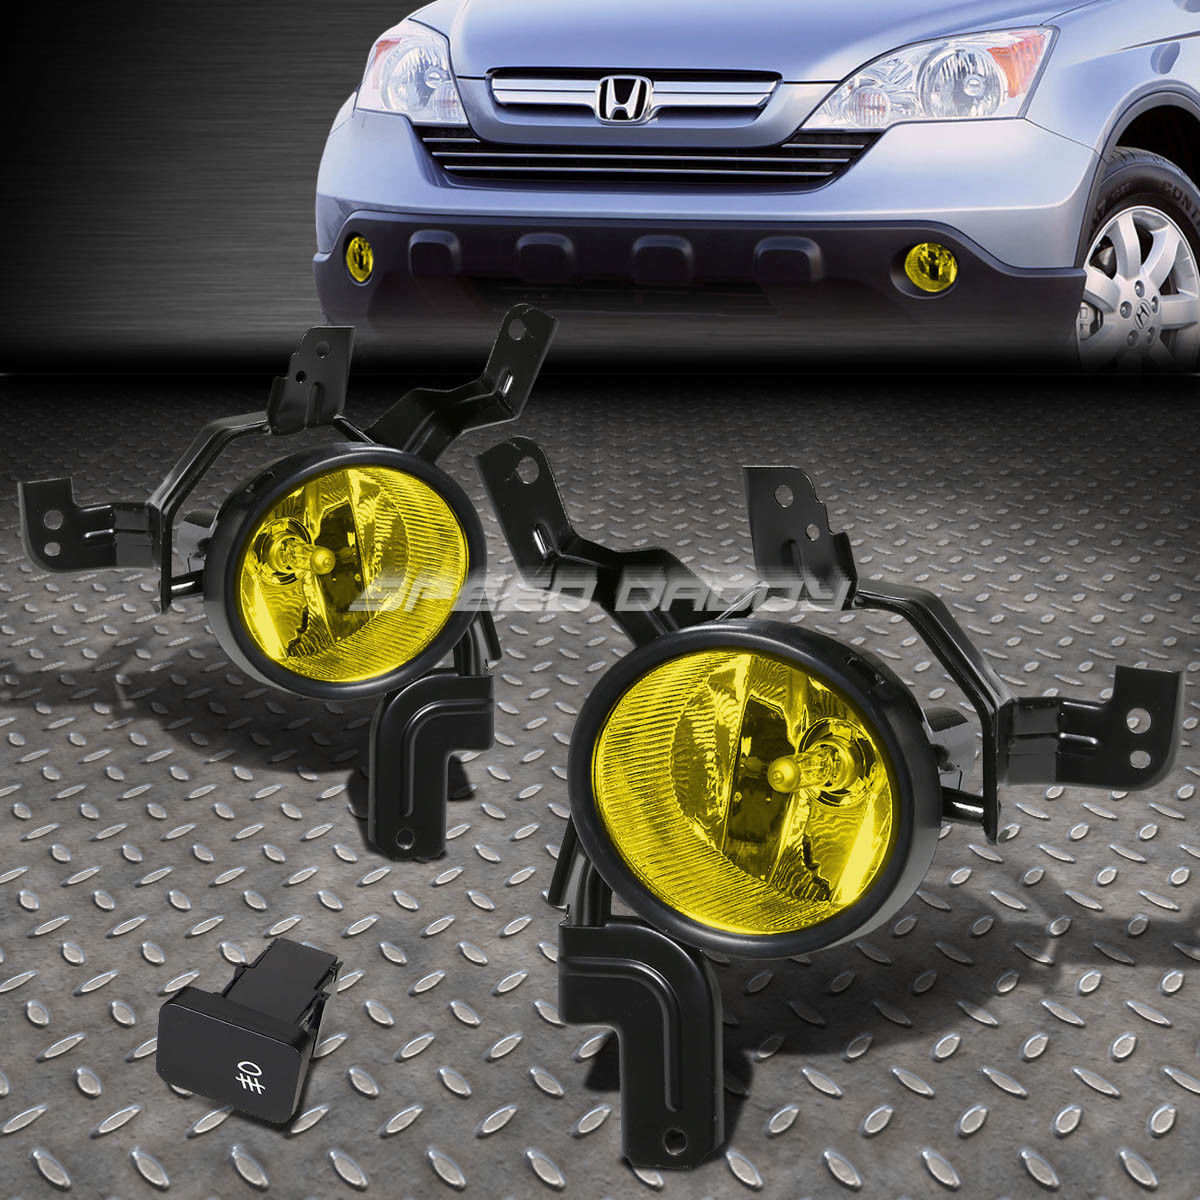 フォグライト FOR 07-09 HONDA CRV LX/EX/SPORT RE YELLOW LENS OE DRIVING FOG LIGHT LAMP+SWITCH FOR 07-09ホンダCRV LX / EX /スポーツライトイエローレンズOE駆動フォグライトランプ+スイッチ